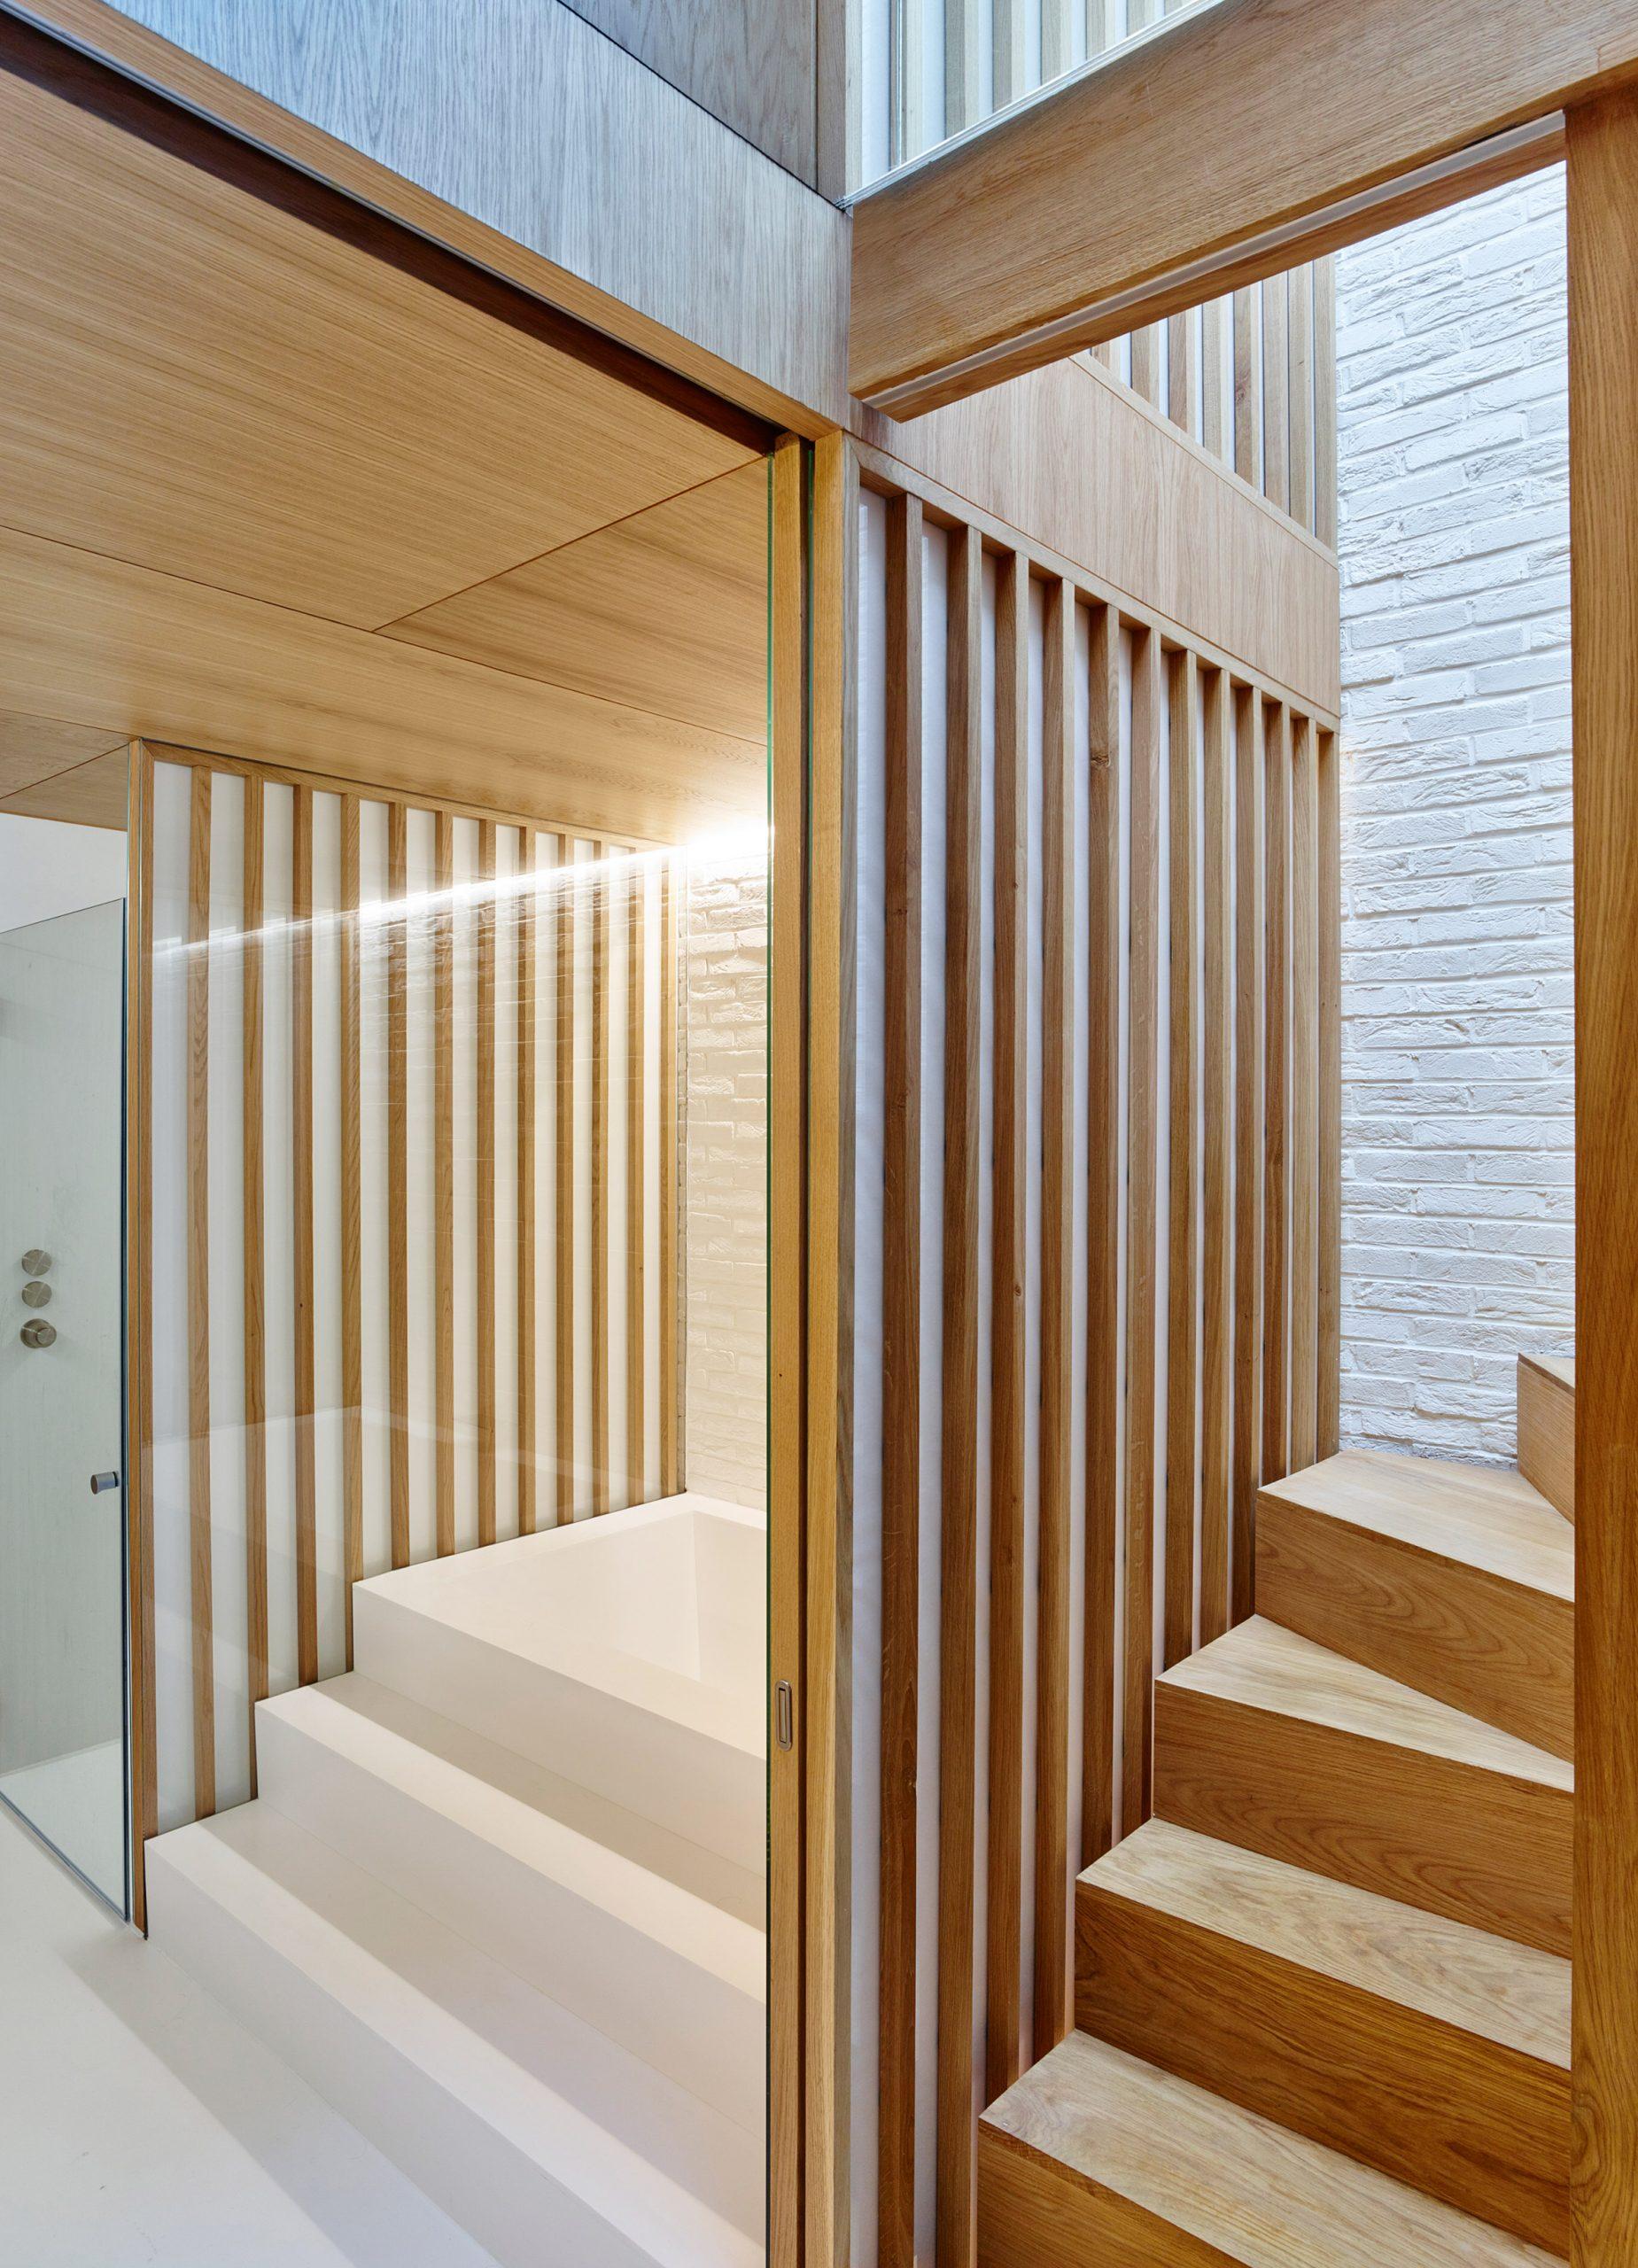 Thiết kế nhà gỗ hiện đại 17